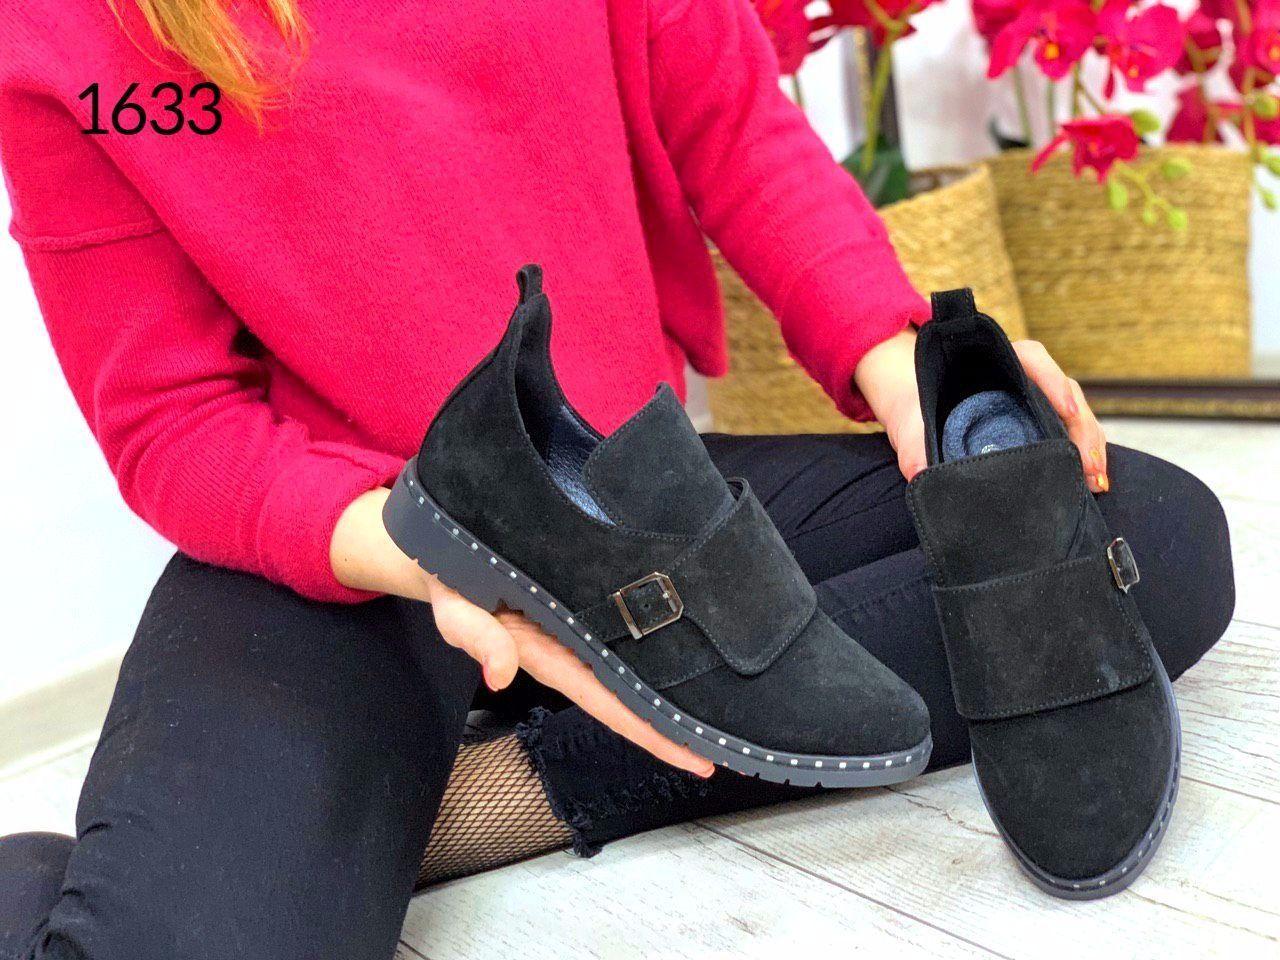 ХИТ ПРОДАЖ!! Ботинки туфли женские. Натуральный Замш. Весна-осень 2020. Арт.1633